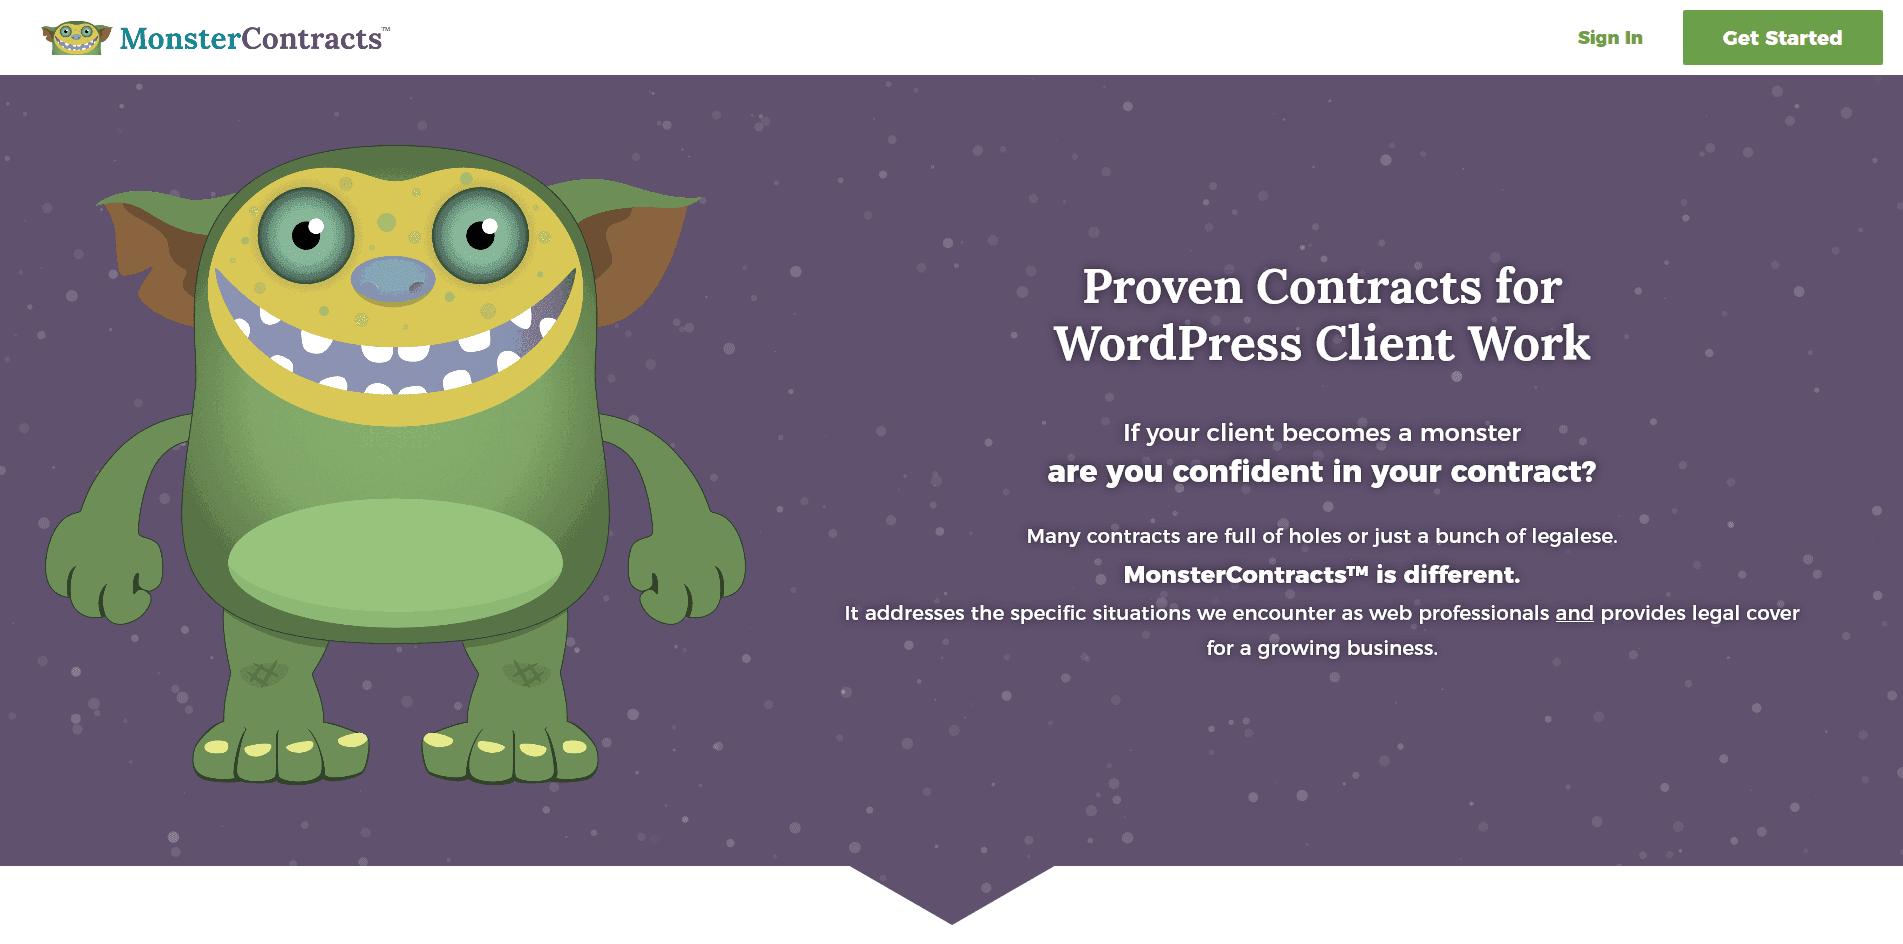 Monster Contracts website screenshot